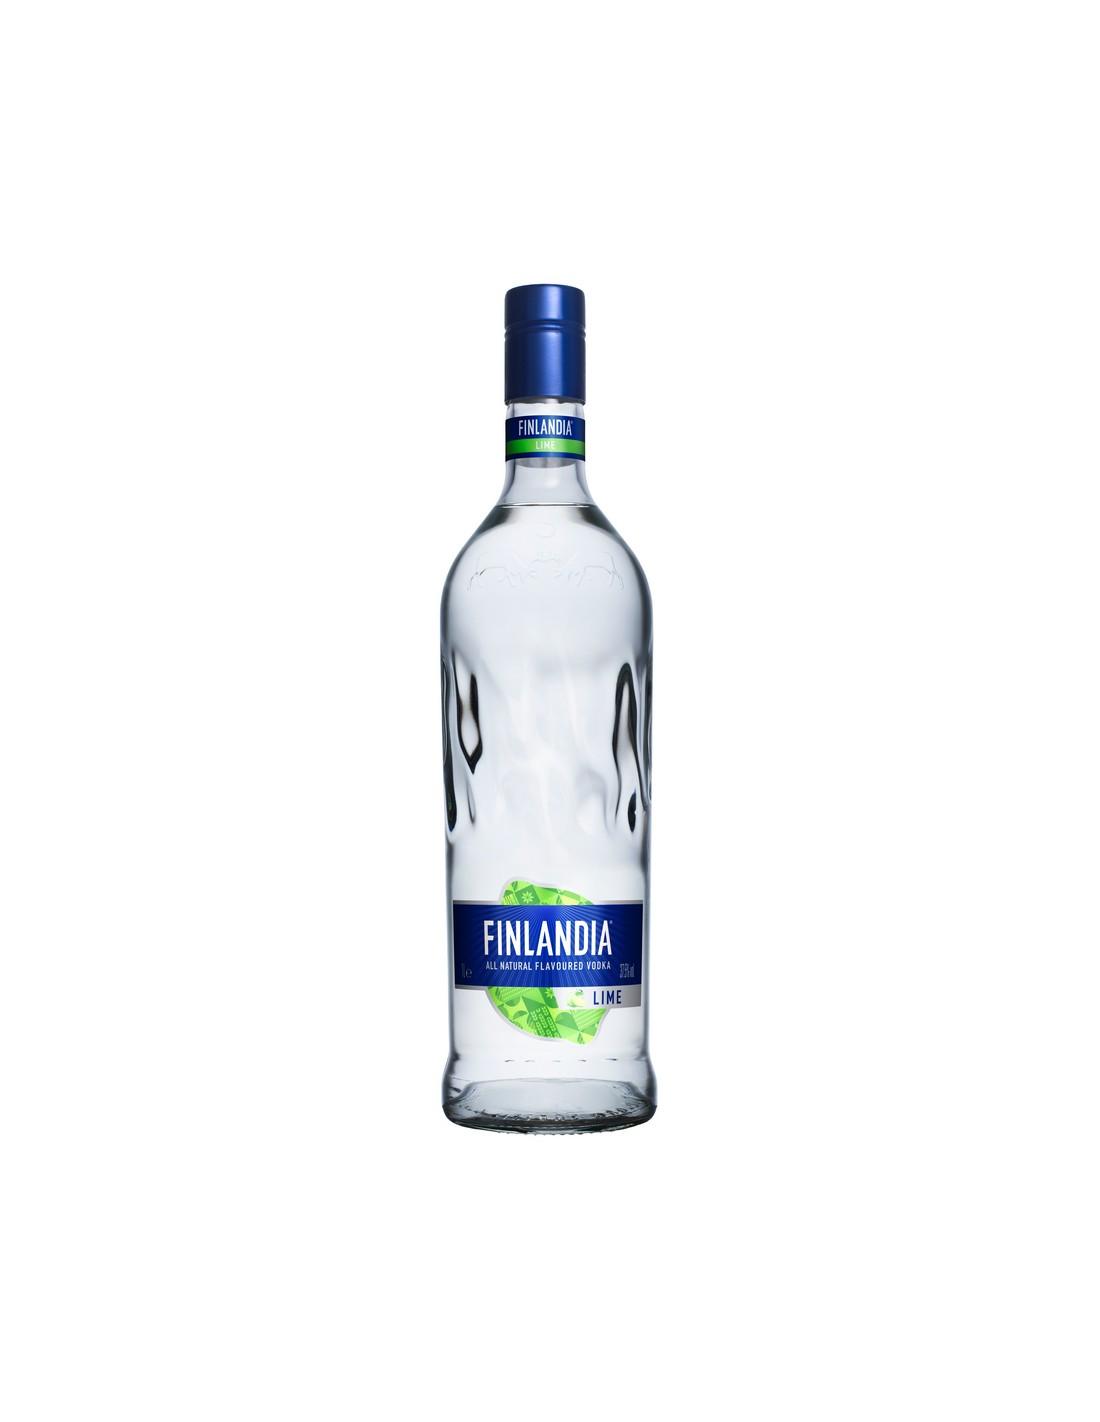 Vodca Finlandia Lime 1L, 37.5% alc., Finlanda